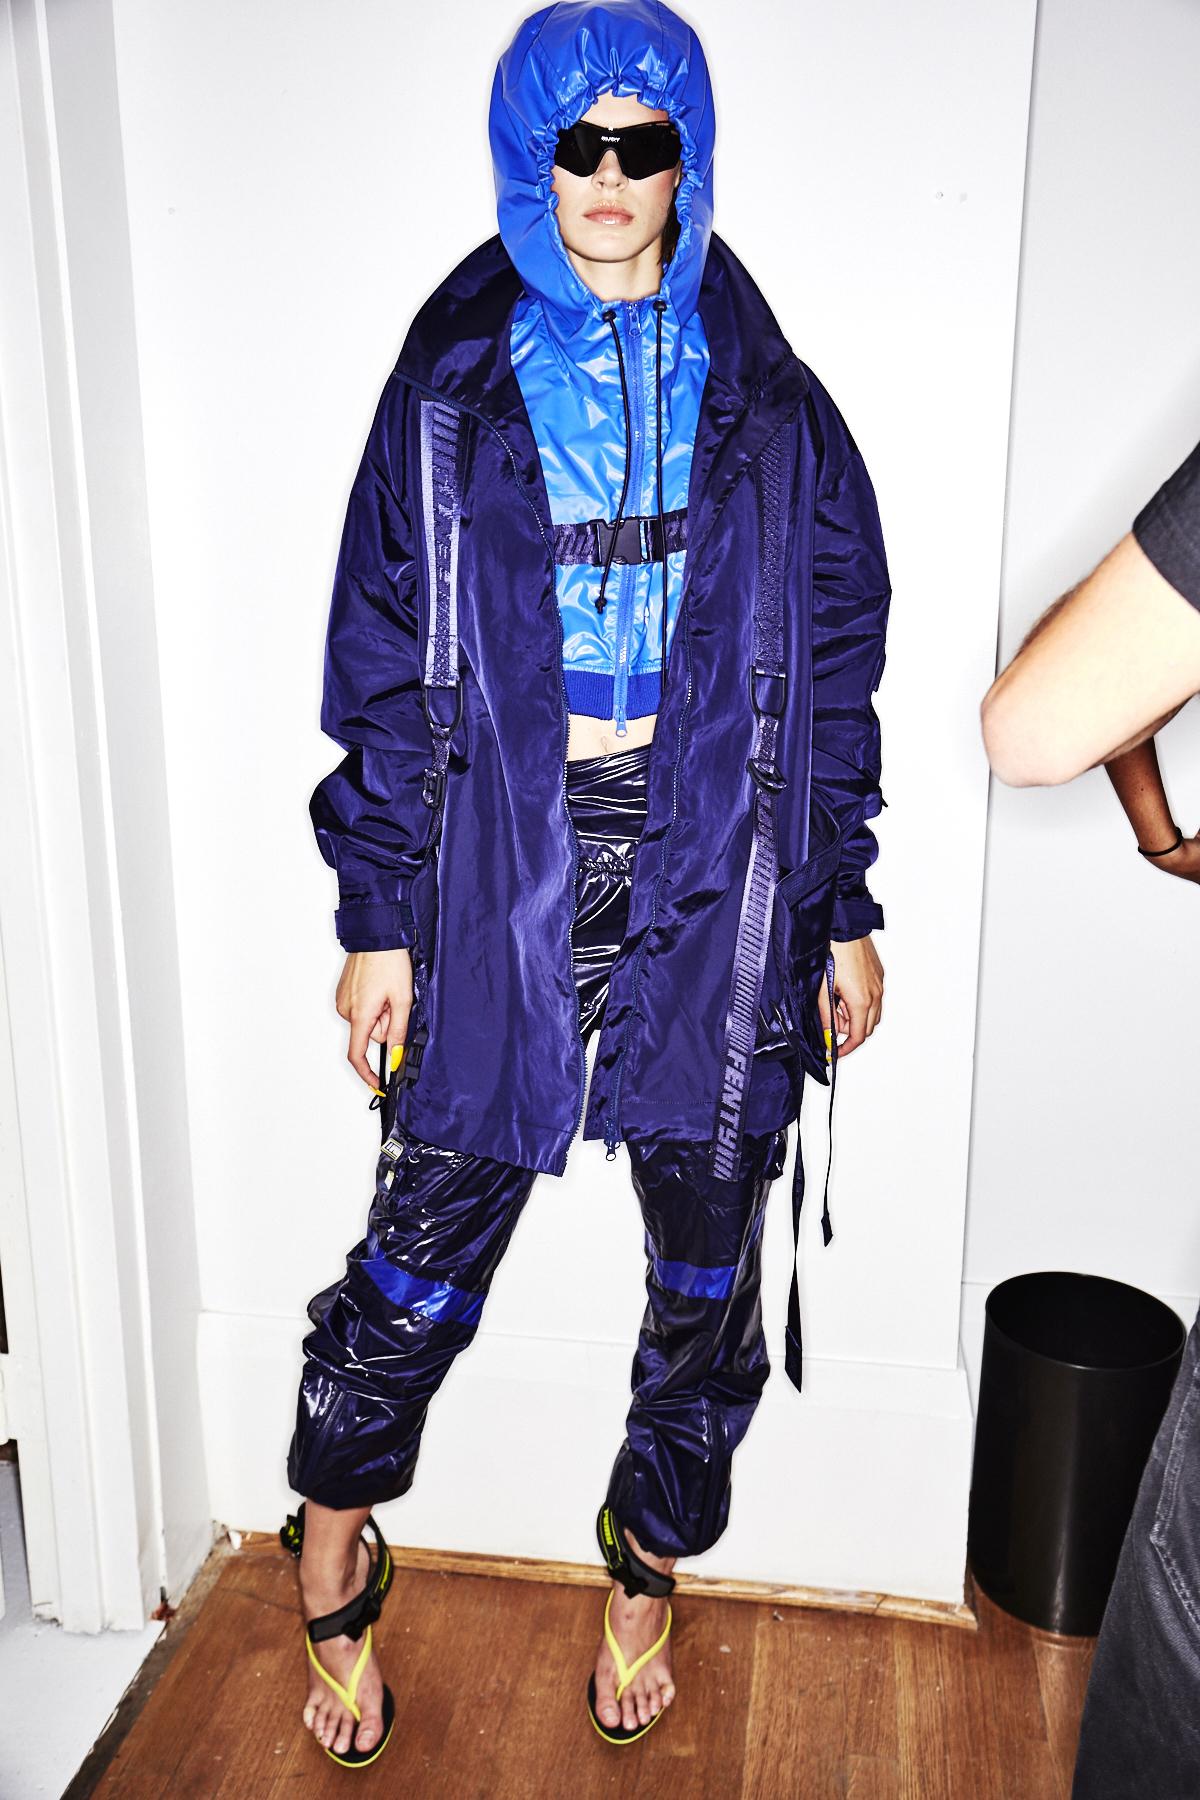 Auf dem Bild ist ein Model im Backstagebereich der Frühjahr/Sommermodenschau 2018 des Labels Pumy x Fenty by Rihanna zu sehen. Hier werden ein hellblauer Cropped-Hoodie und ein dunkelblauer Parka von einer 7/8-Sweatpants in glänzendem Nylon komplettiert. Als absolutes It-Piece wird die athletisch geformte, schwarze Sonnenbrille gehandelt.